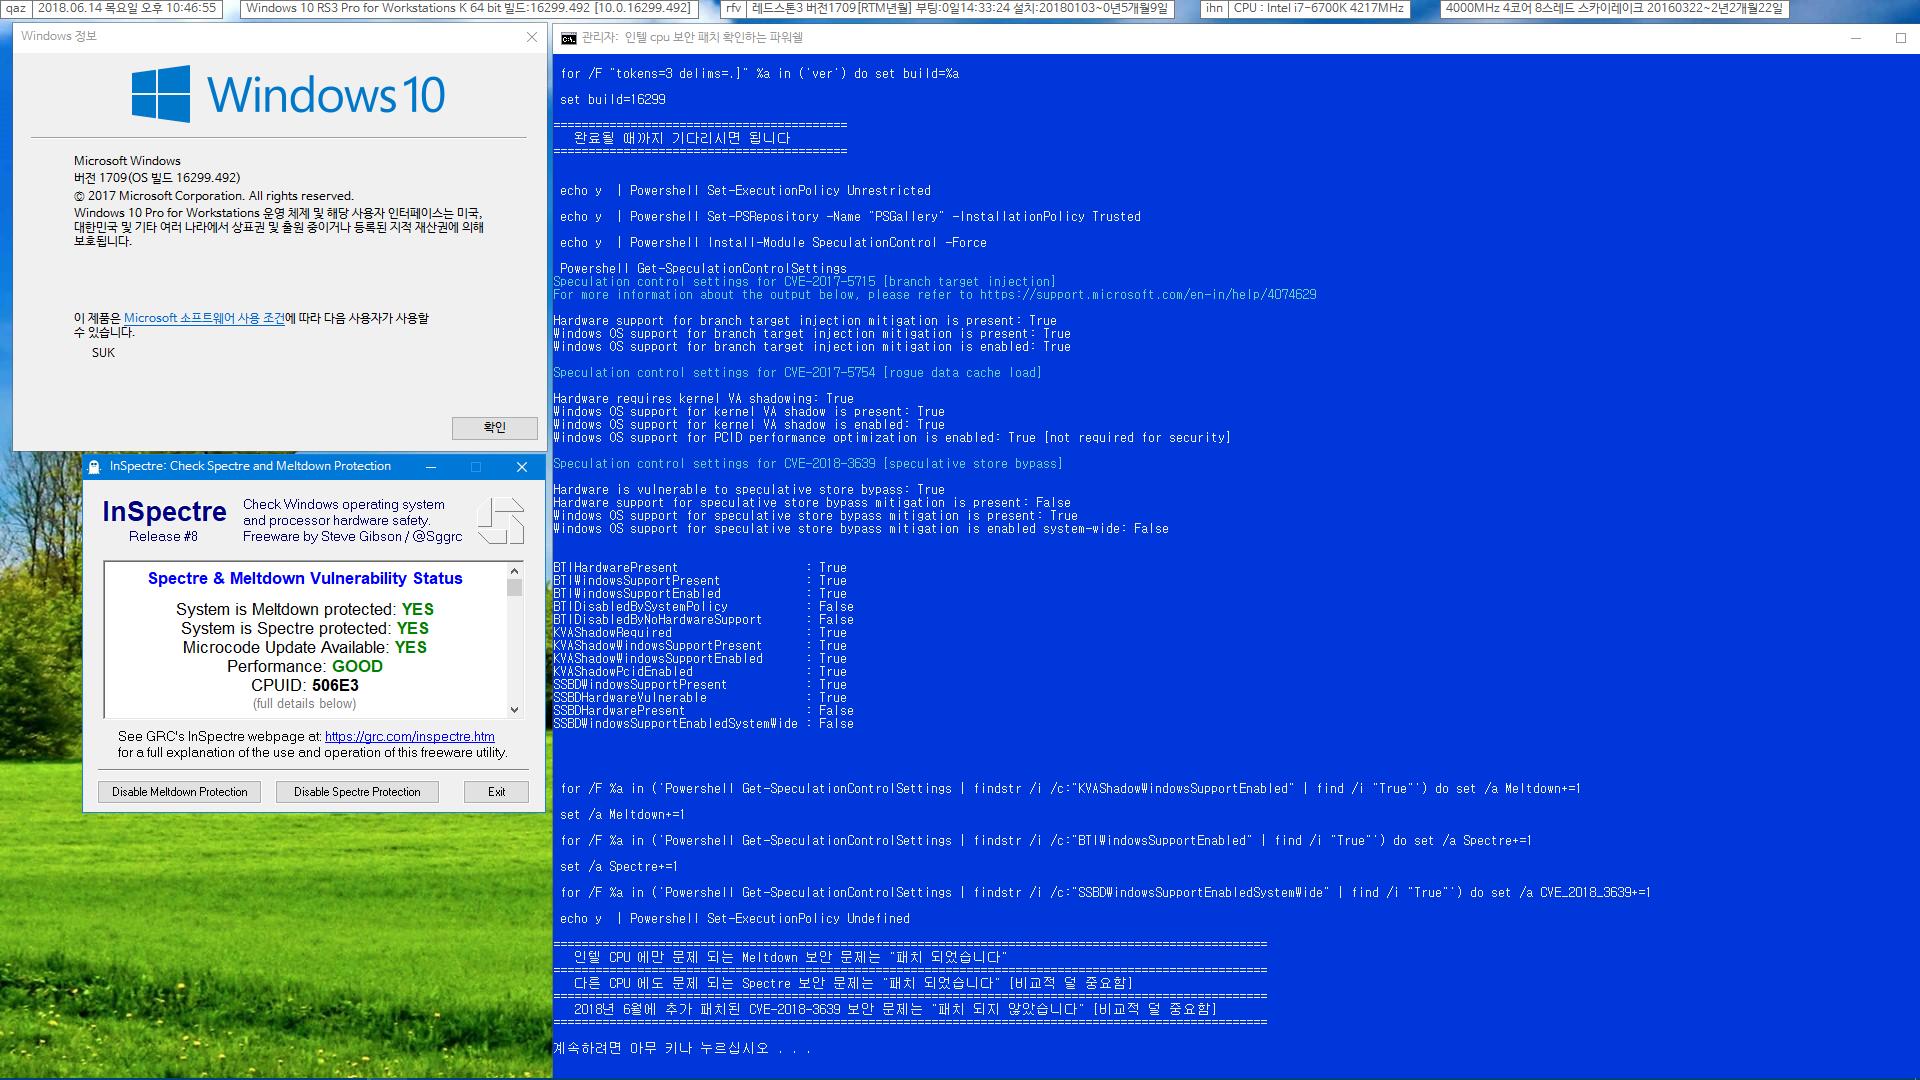 2018년 6월 정기 업데이트에 모든 윈도에 추가 패치 된 인텔 cpu 보안 버그 CVE-2018-3639 패치 여부는 기존의 파워쉘 bat 으로 확인이 가능하네요 - 윈도 업데이트에 패치가 되어 있지만 기본 비활성 되어 있습니다 orz - Spectre.exe 도 아직 반영하지 않았습니다 2018-06-14_224655.png